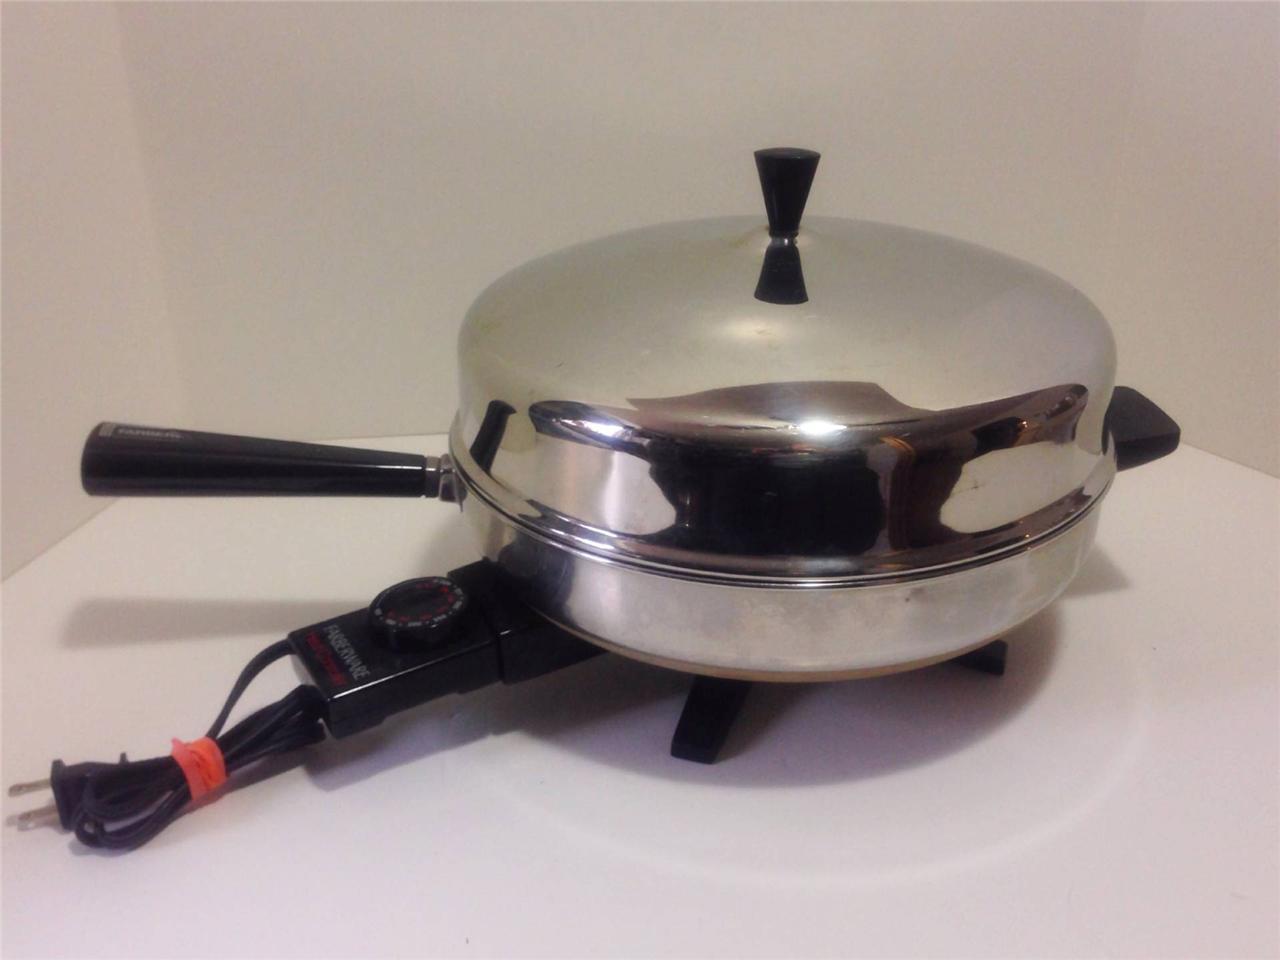 FARBERWARE Electric Skillet Fry Pan 12